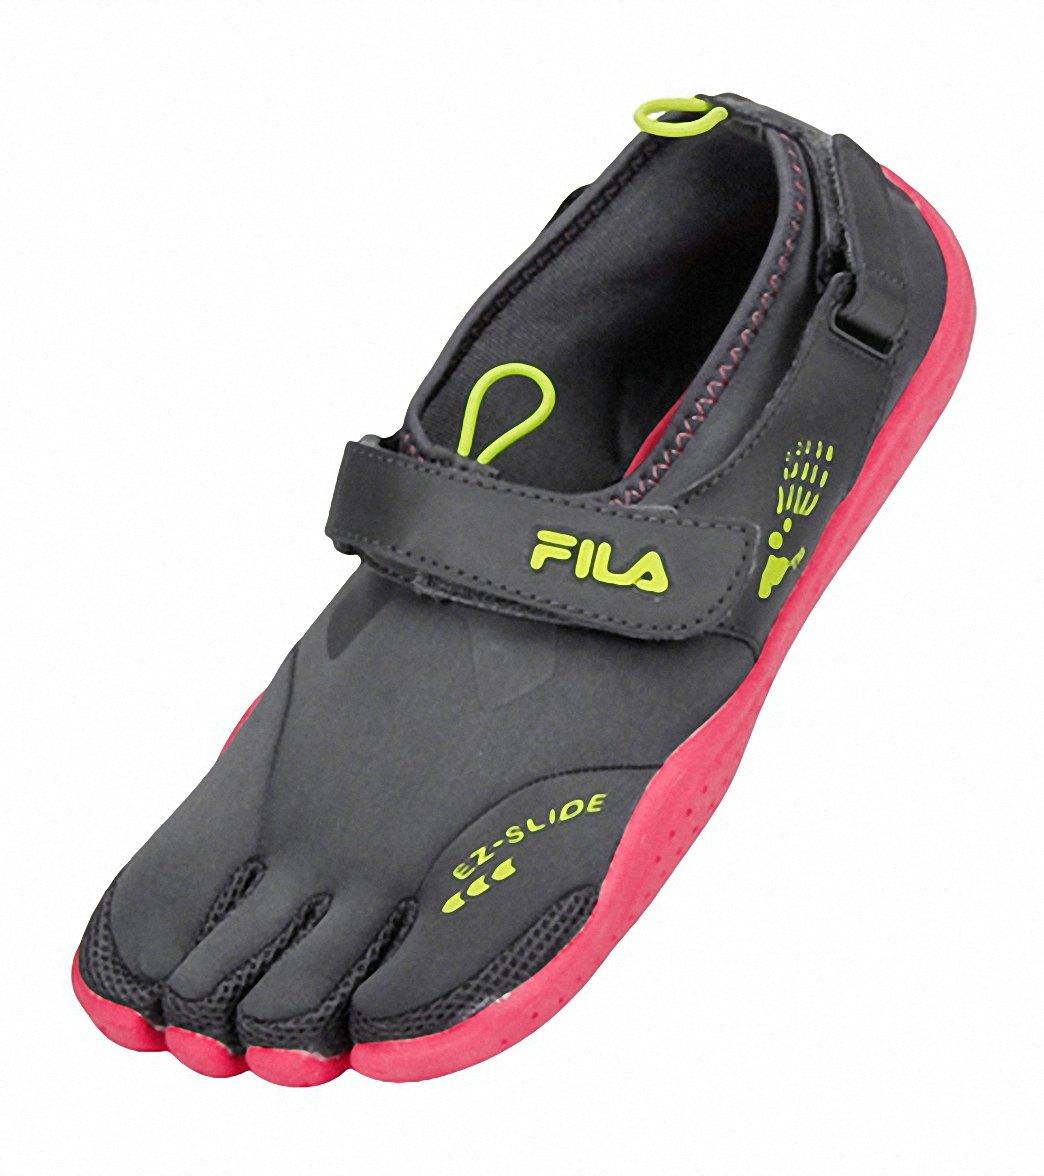 b1f2a8c2b6a3 Fila Women s Skele-toes EZ Slide Water Shoes at SwimOutlet.com ...